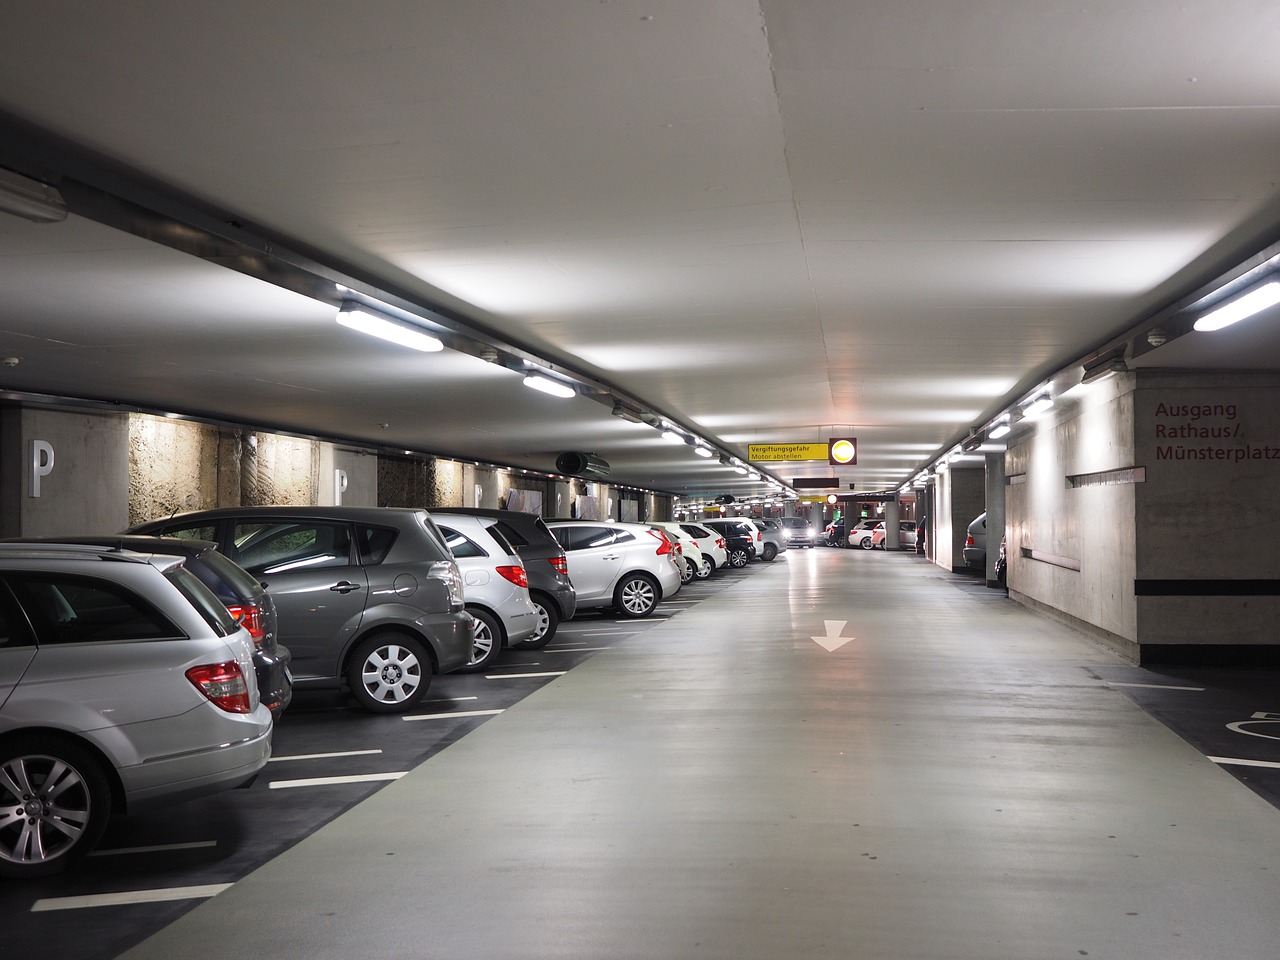 Parkos car parking